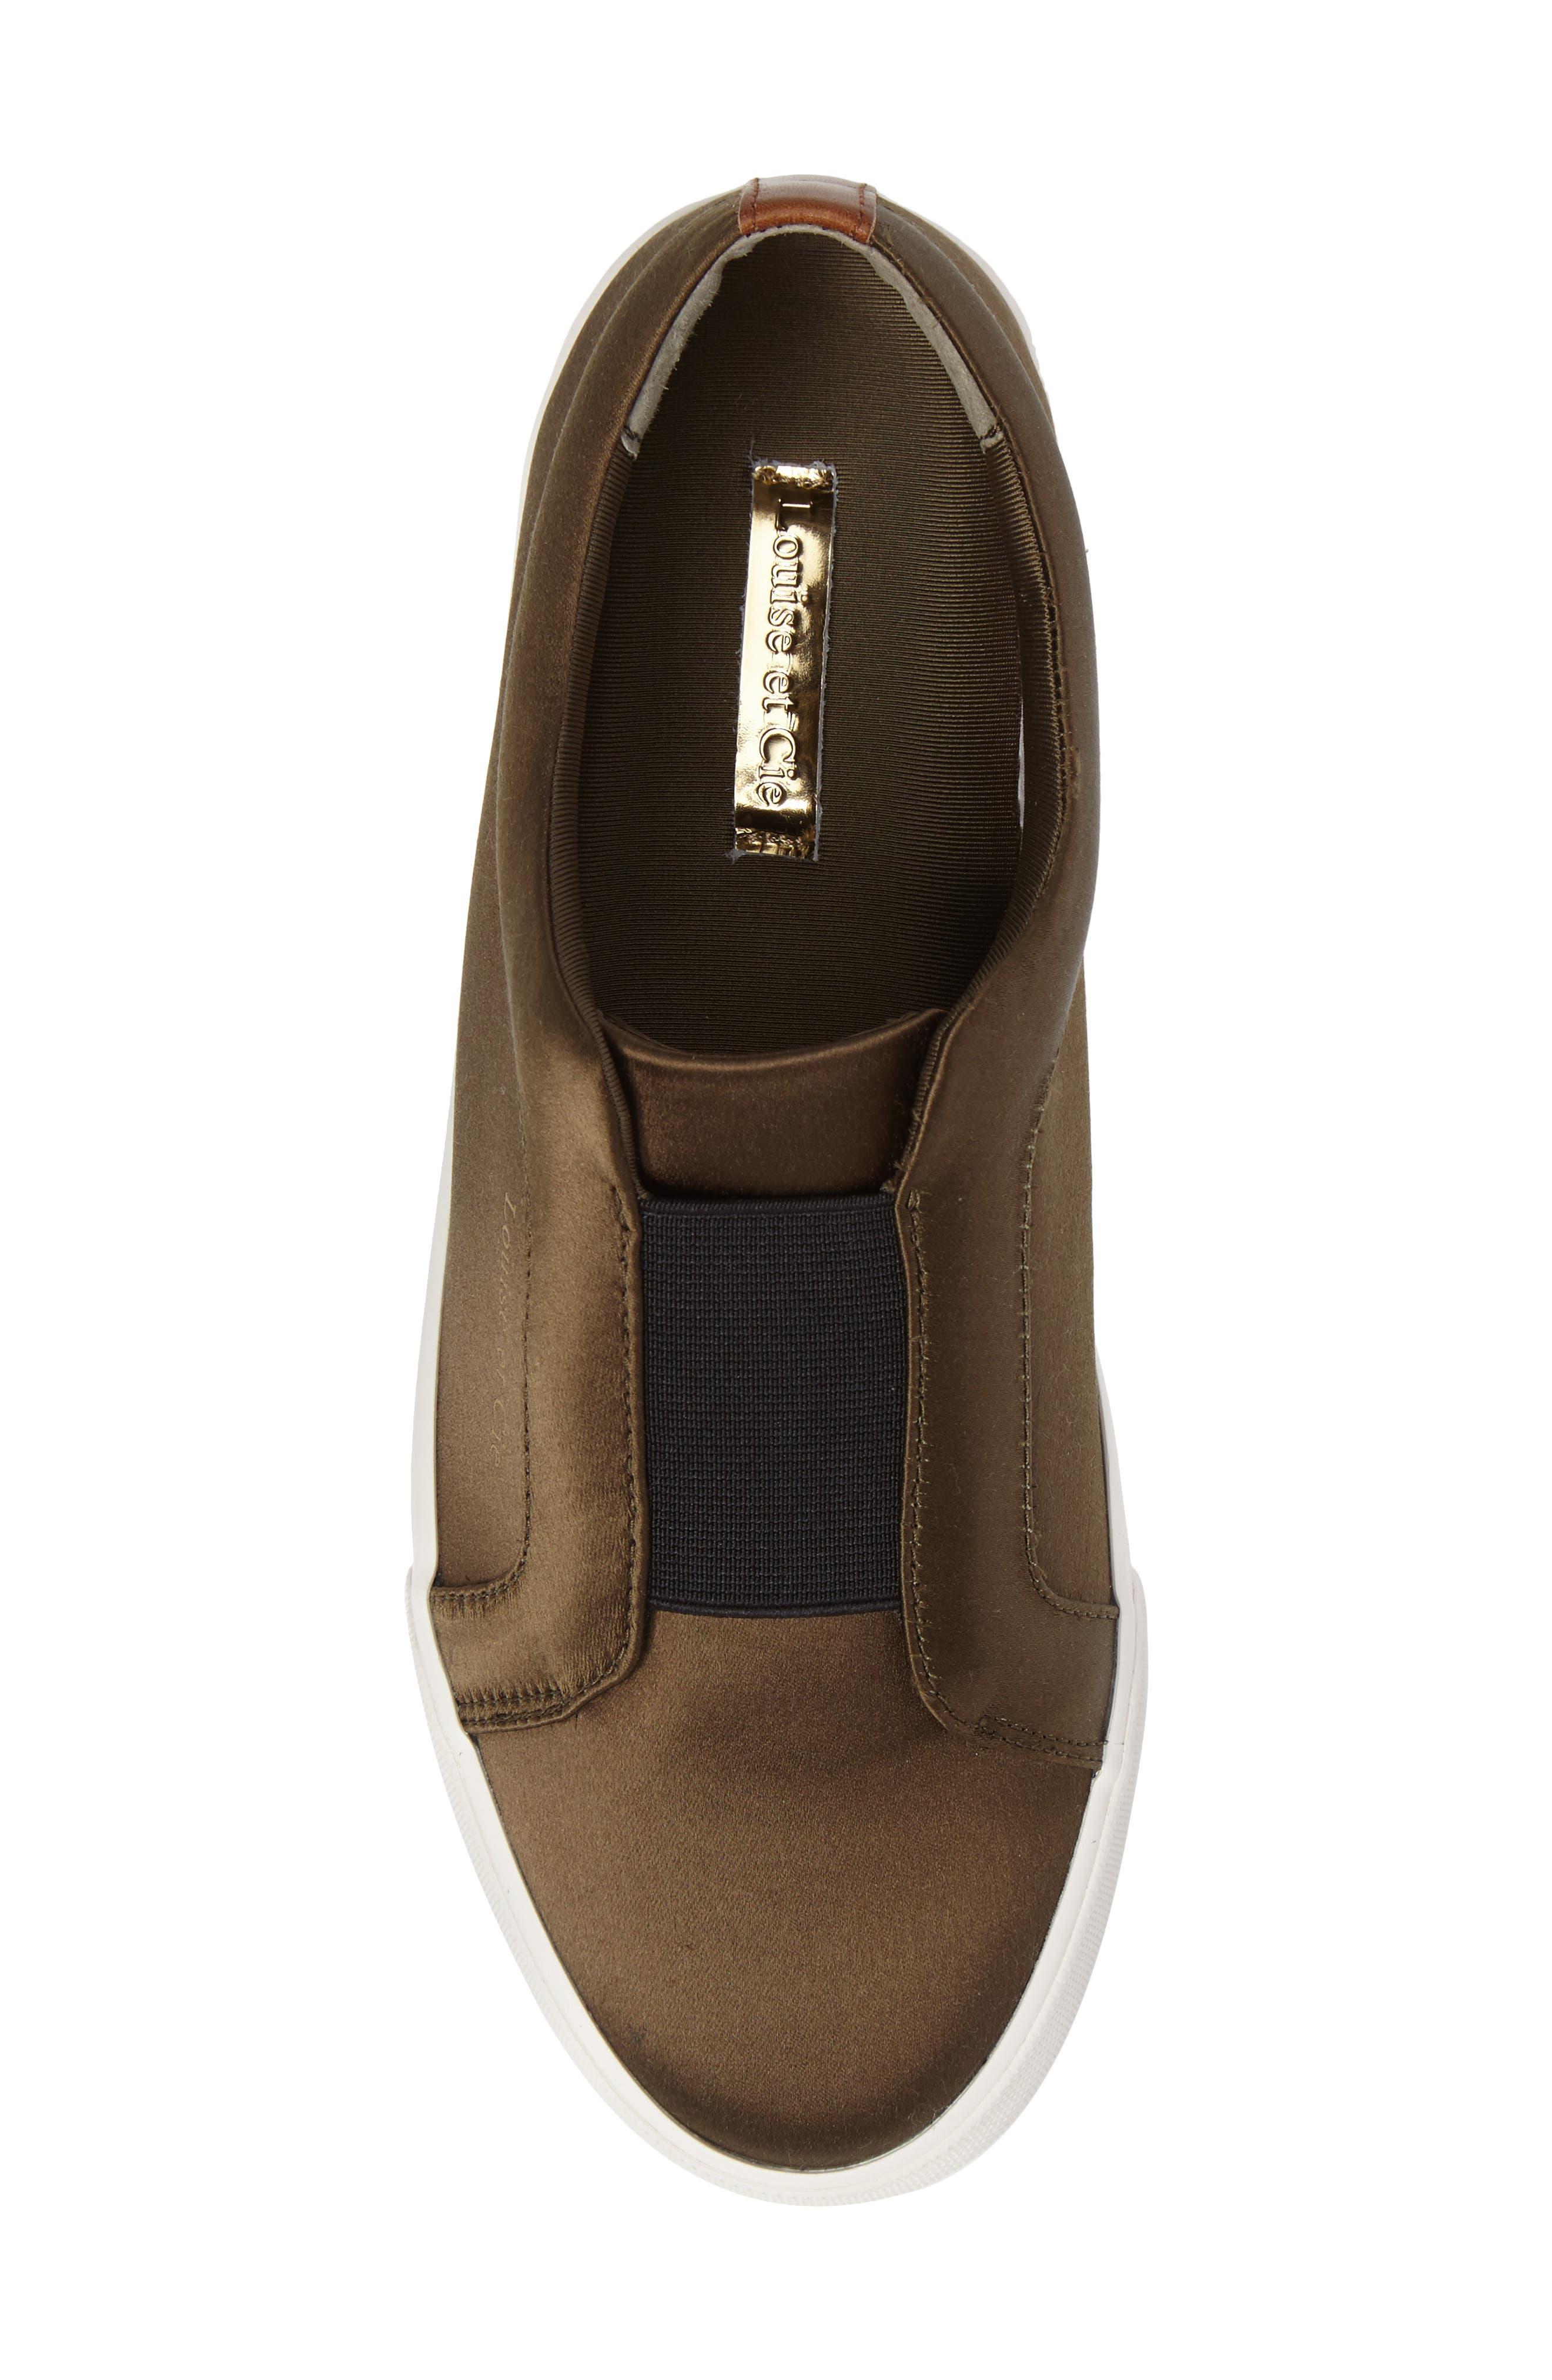 Bette Slip-On Sneaker,                             Alternate thumbnail 5, color,                             Peacoat/ Black Satin